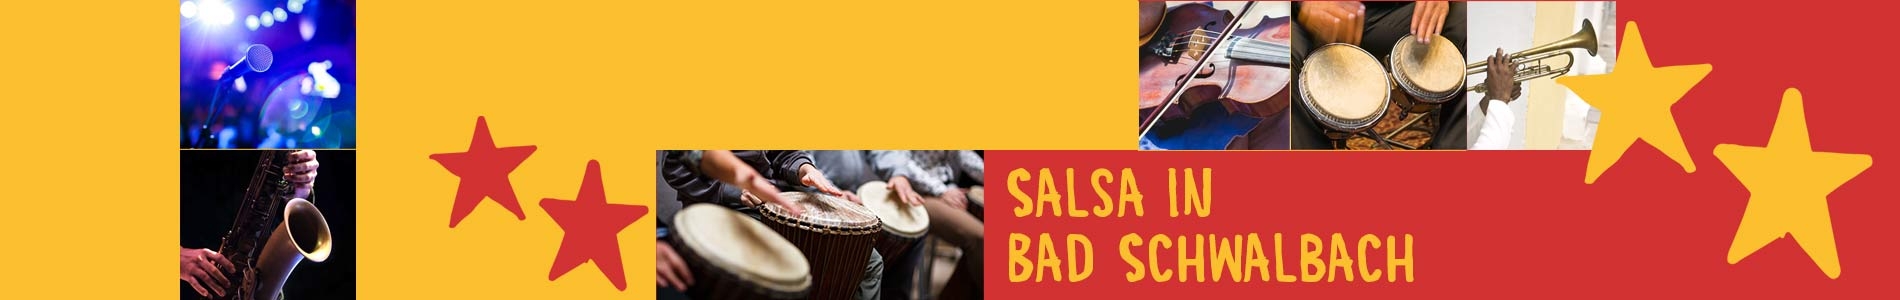 Salsa in Bad Schwalbach – Salsa lernen und tanzen, Tanzkurse, Partys, Veranstaltungen